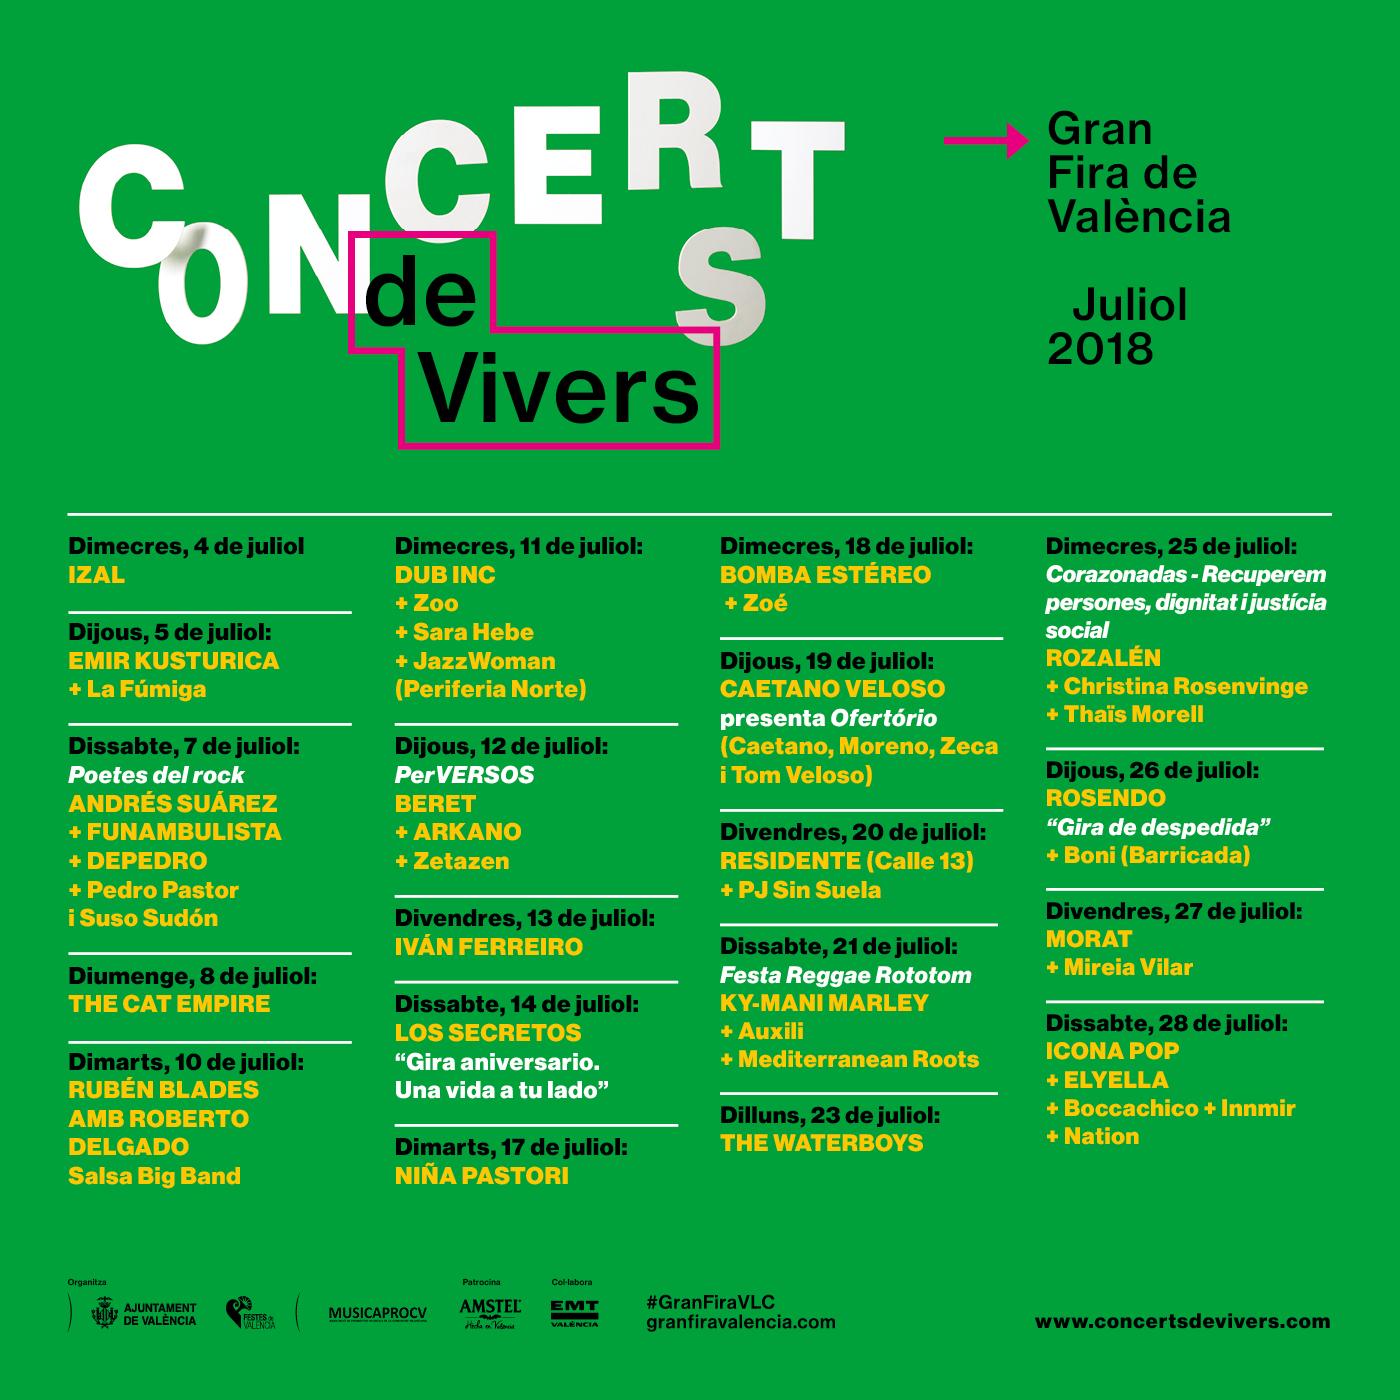 concerts-de-vivers-gran-fira-de-valencia